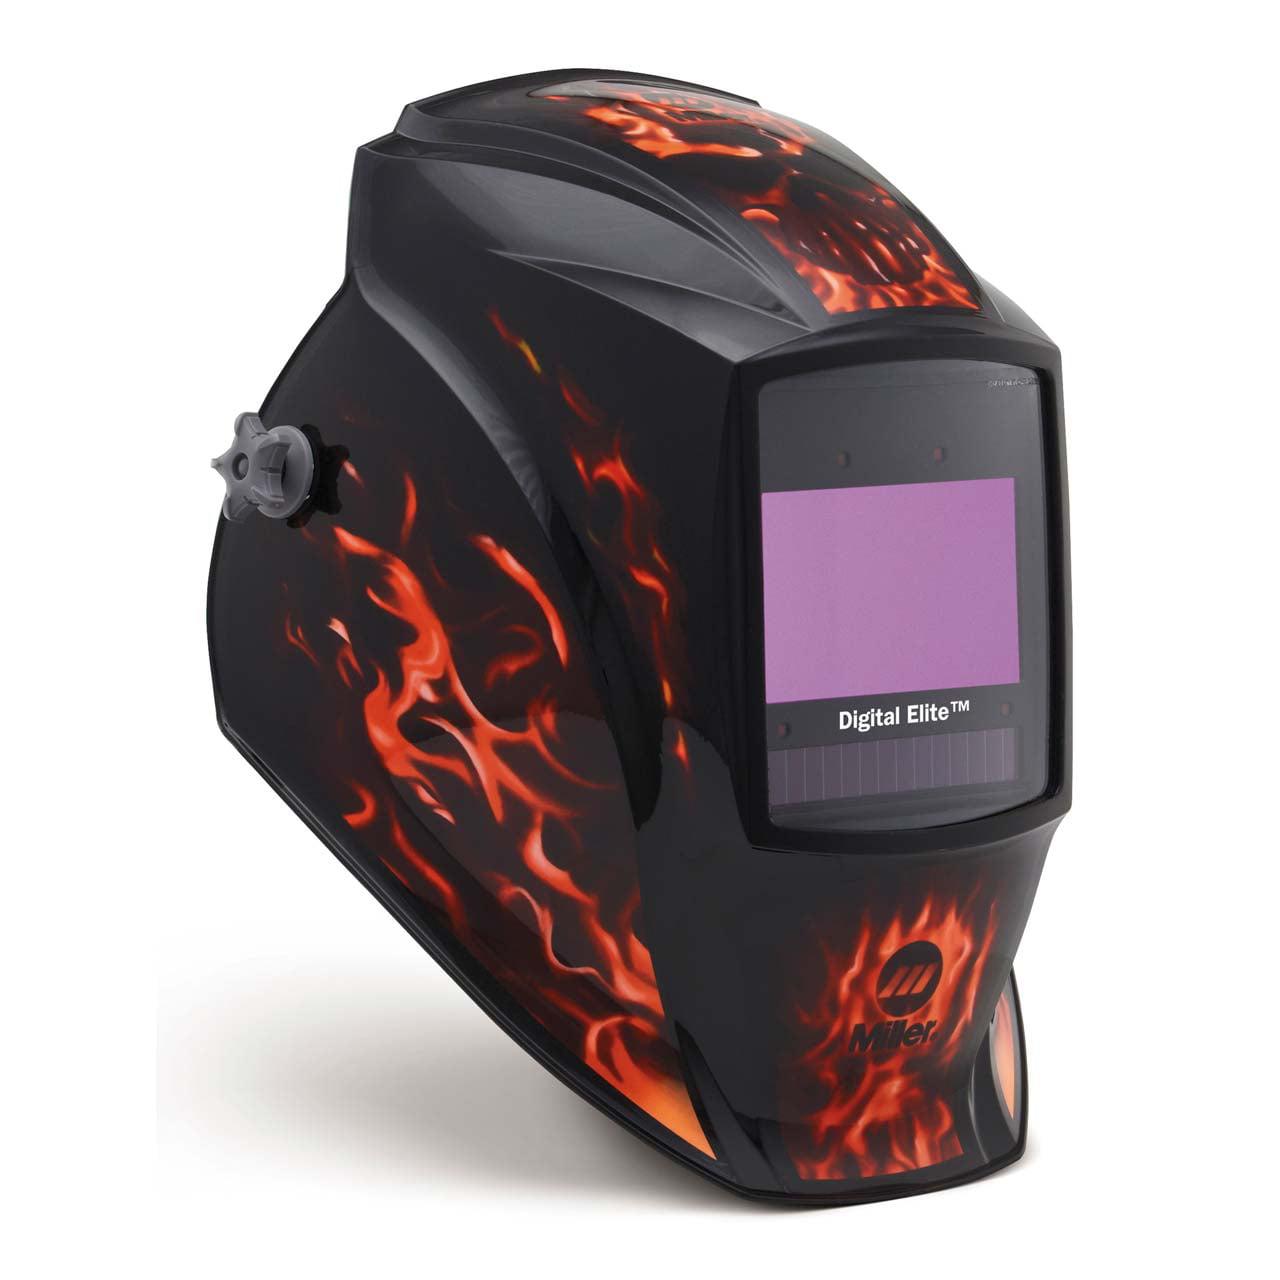 Miller 281003 Digital Elite Welding Helmet with ClearLight Lens, Inferno